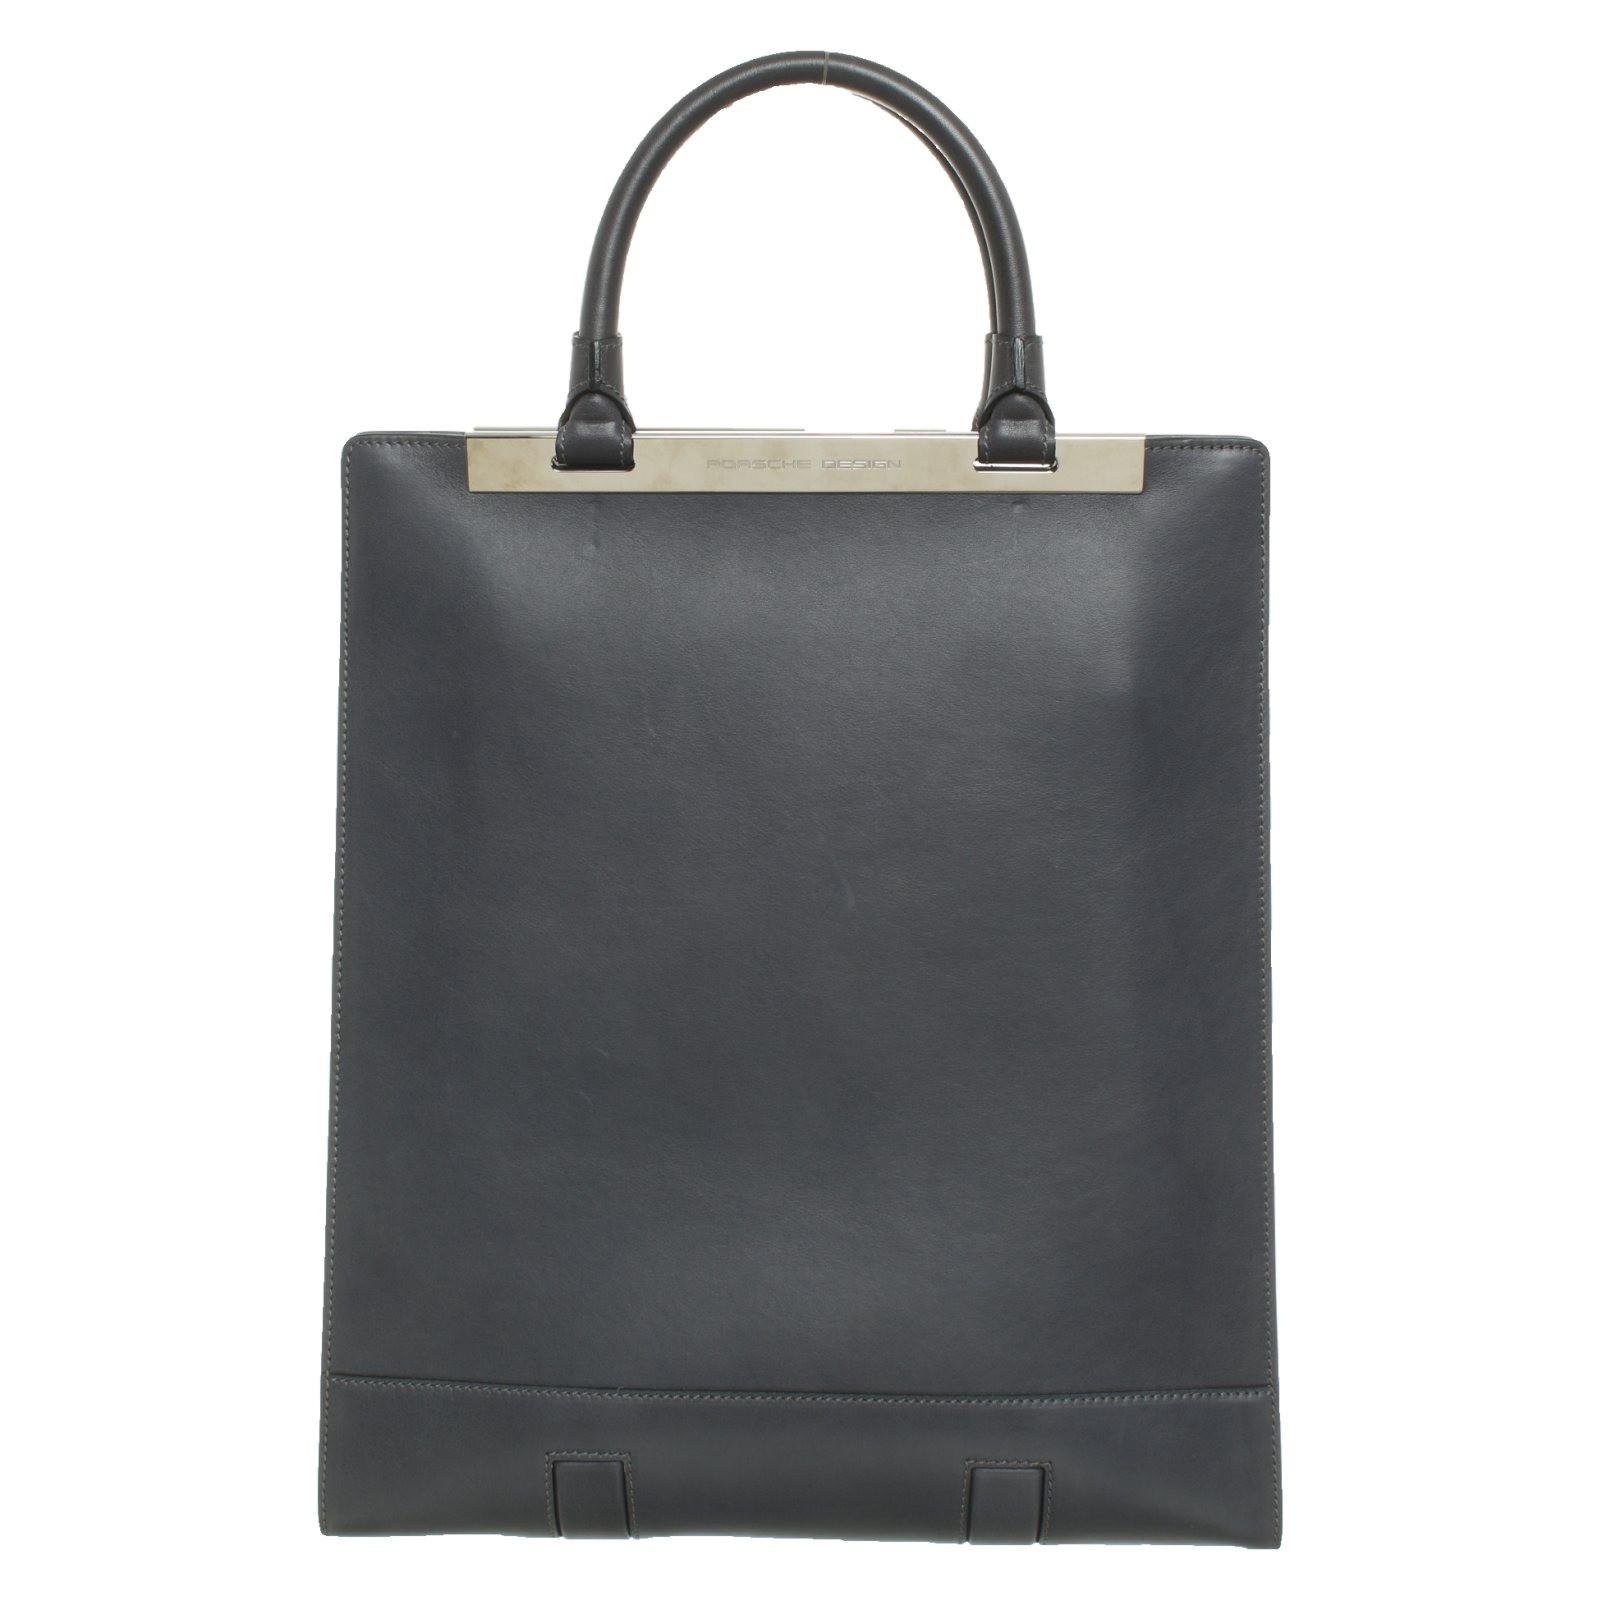 Porsche Design Handbag Leather In Blue